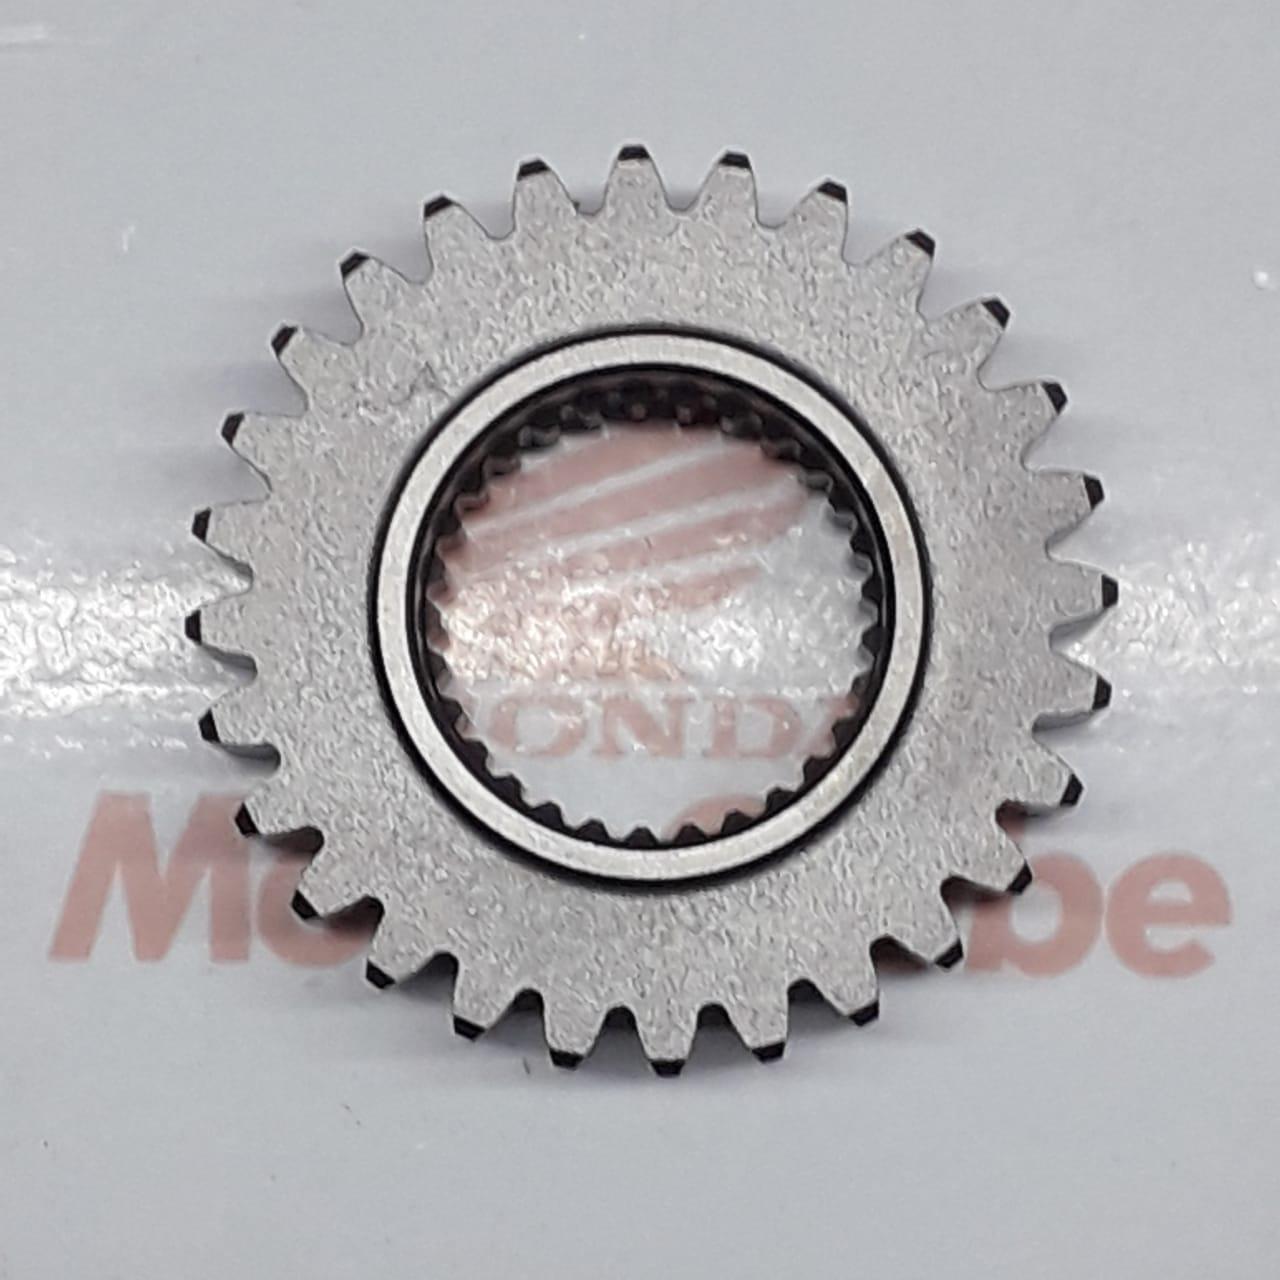 Engrenagem Secundaria Transmissão Quadriciclo Fourtrax TRX 420 TM FM 2008 2009 2010 2011 Original Honda 23491HP5600